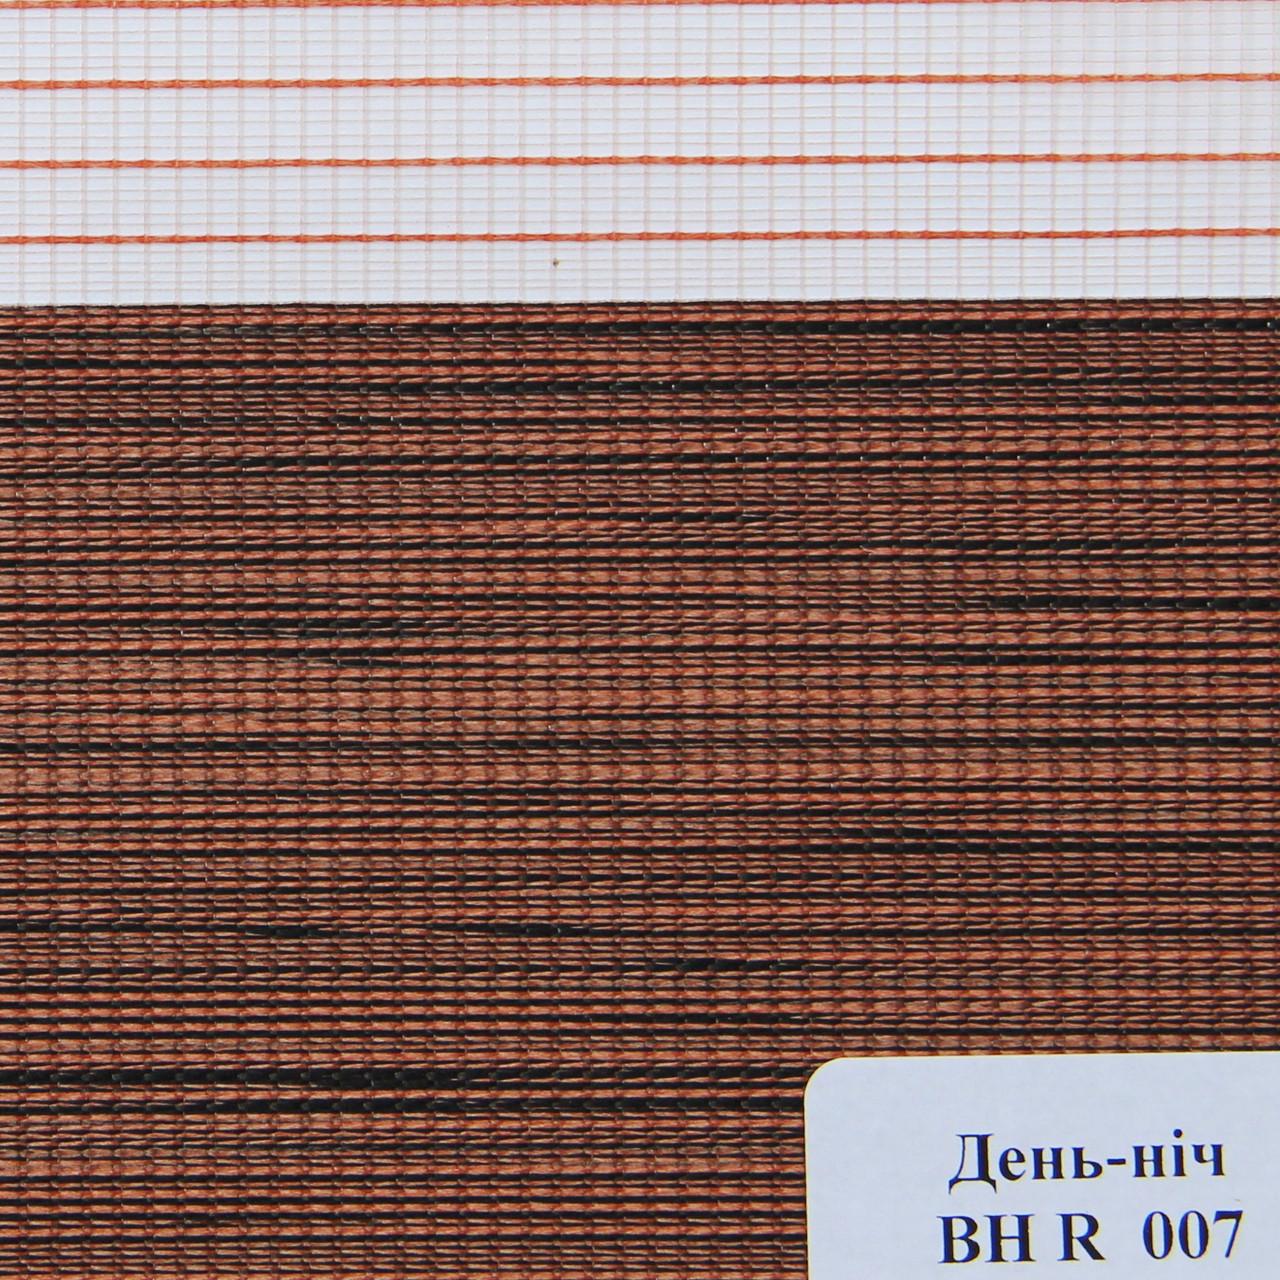 Рулонні штори День-Ніч Тканина Зебрано ВН R 007 Червоно-коричневий